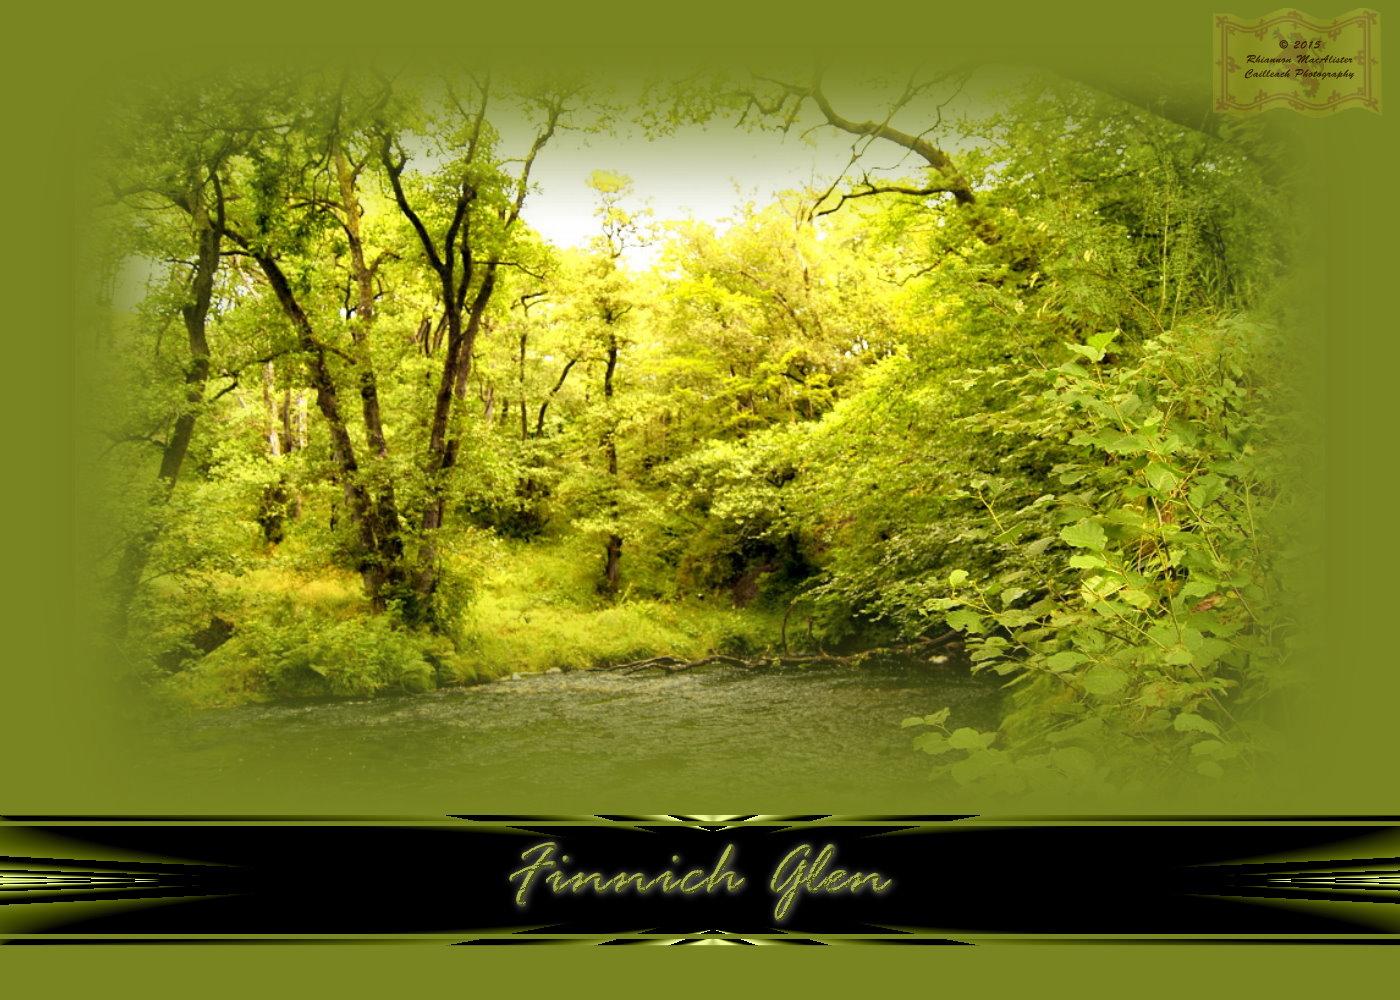 Finnich Glen